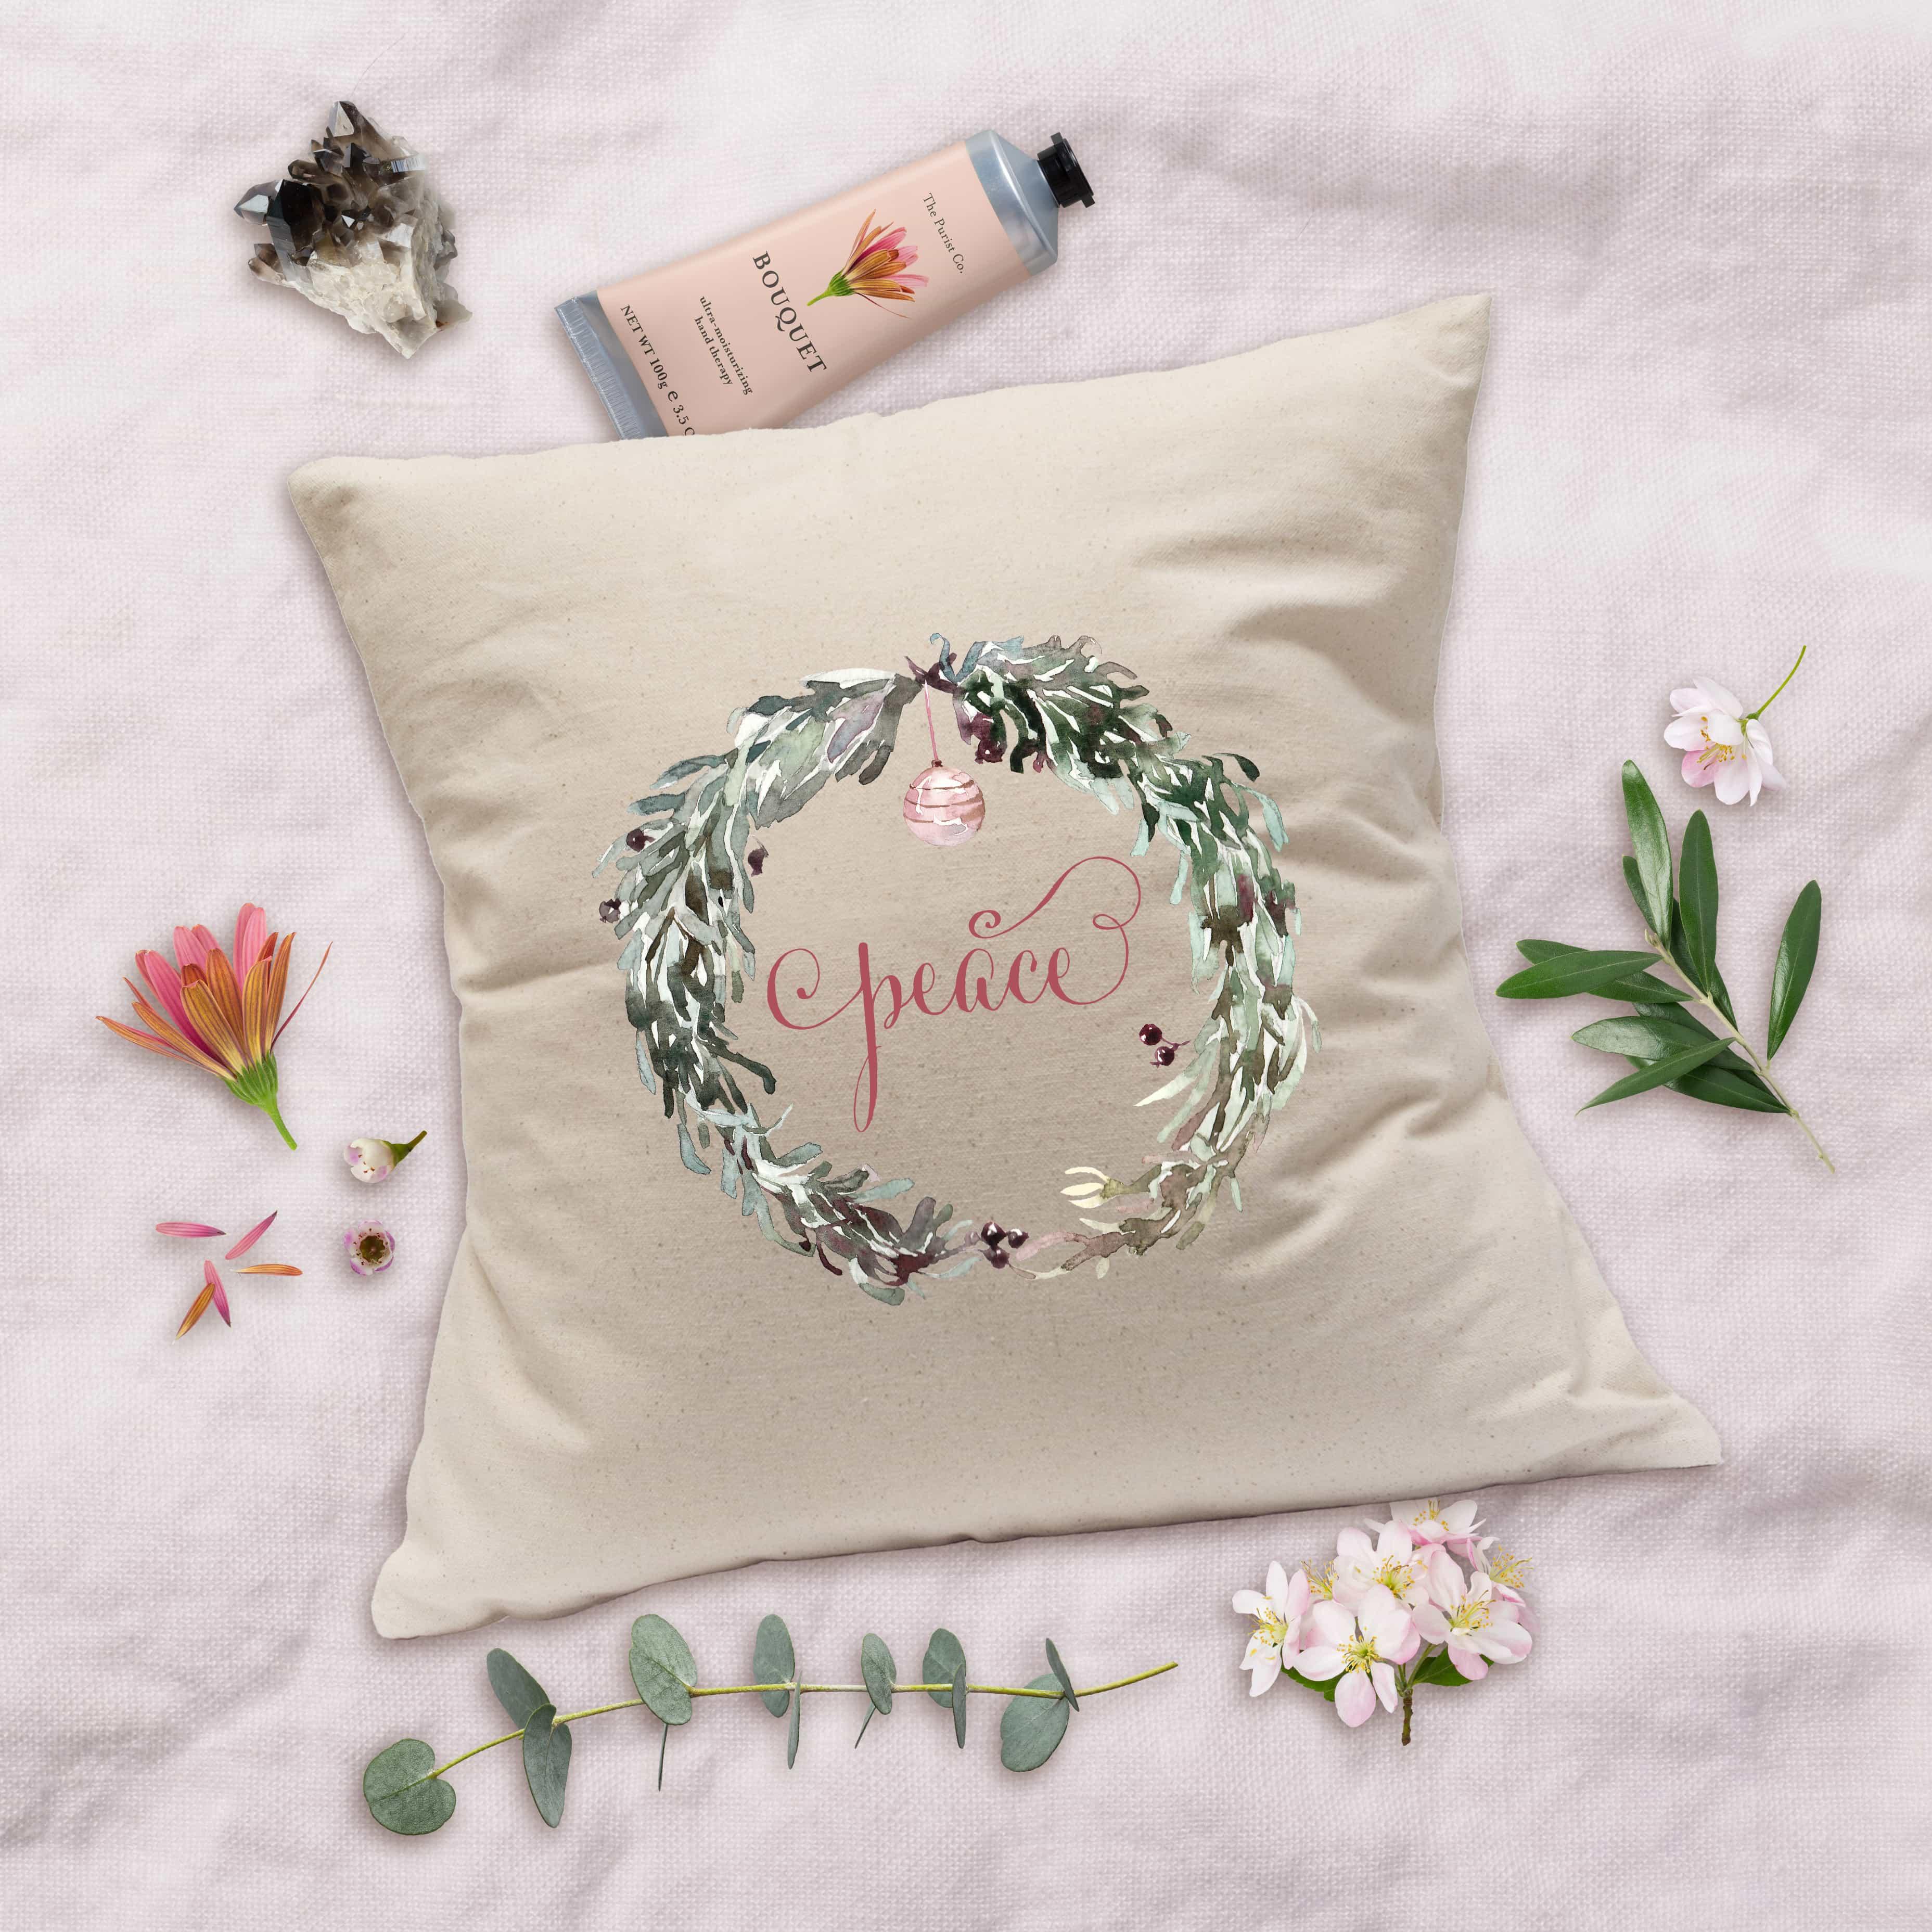 Posh Cottage Shop 18inch Canvas Pillow Cover